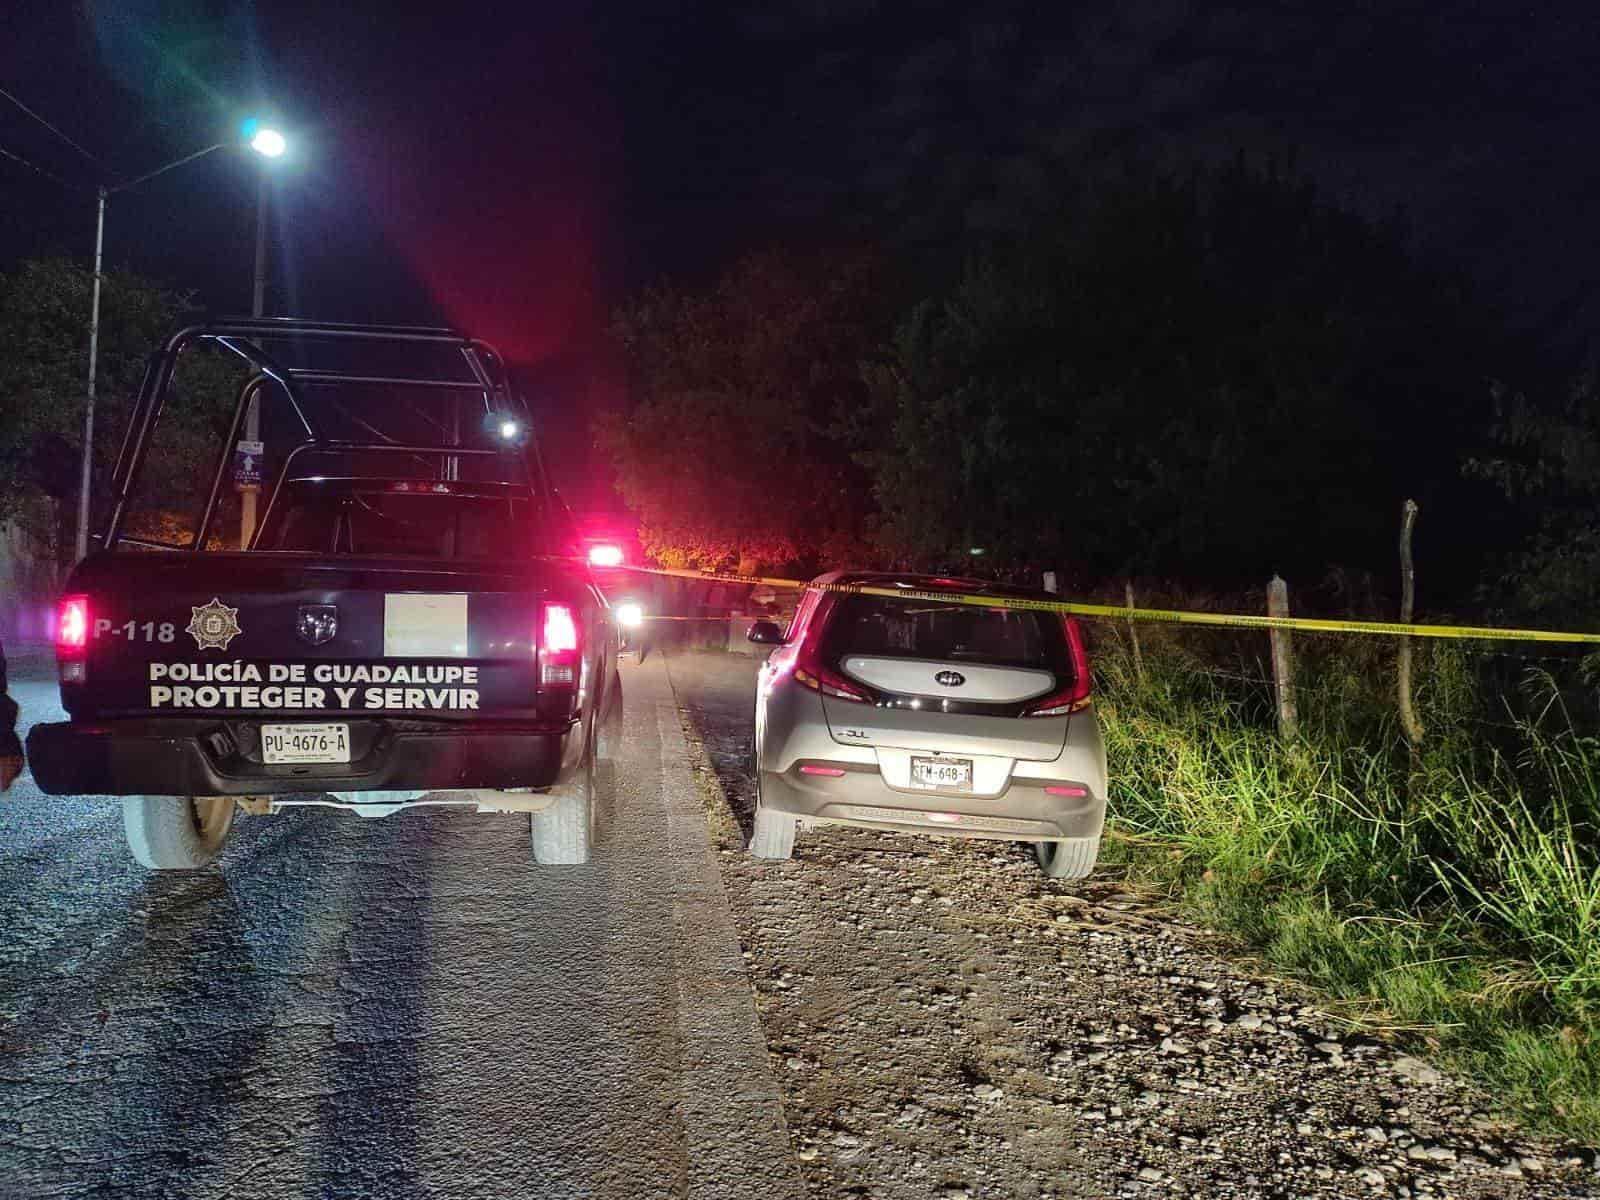 A balazos un hombre robó un vehículo y minutos después fue detenido